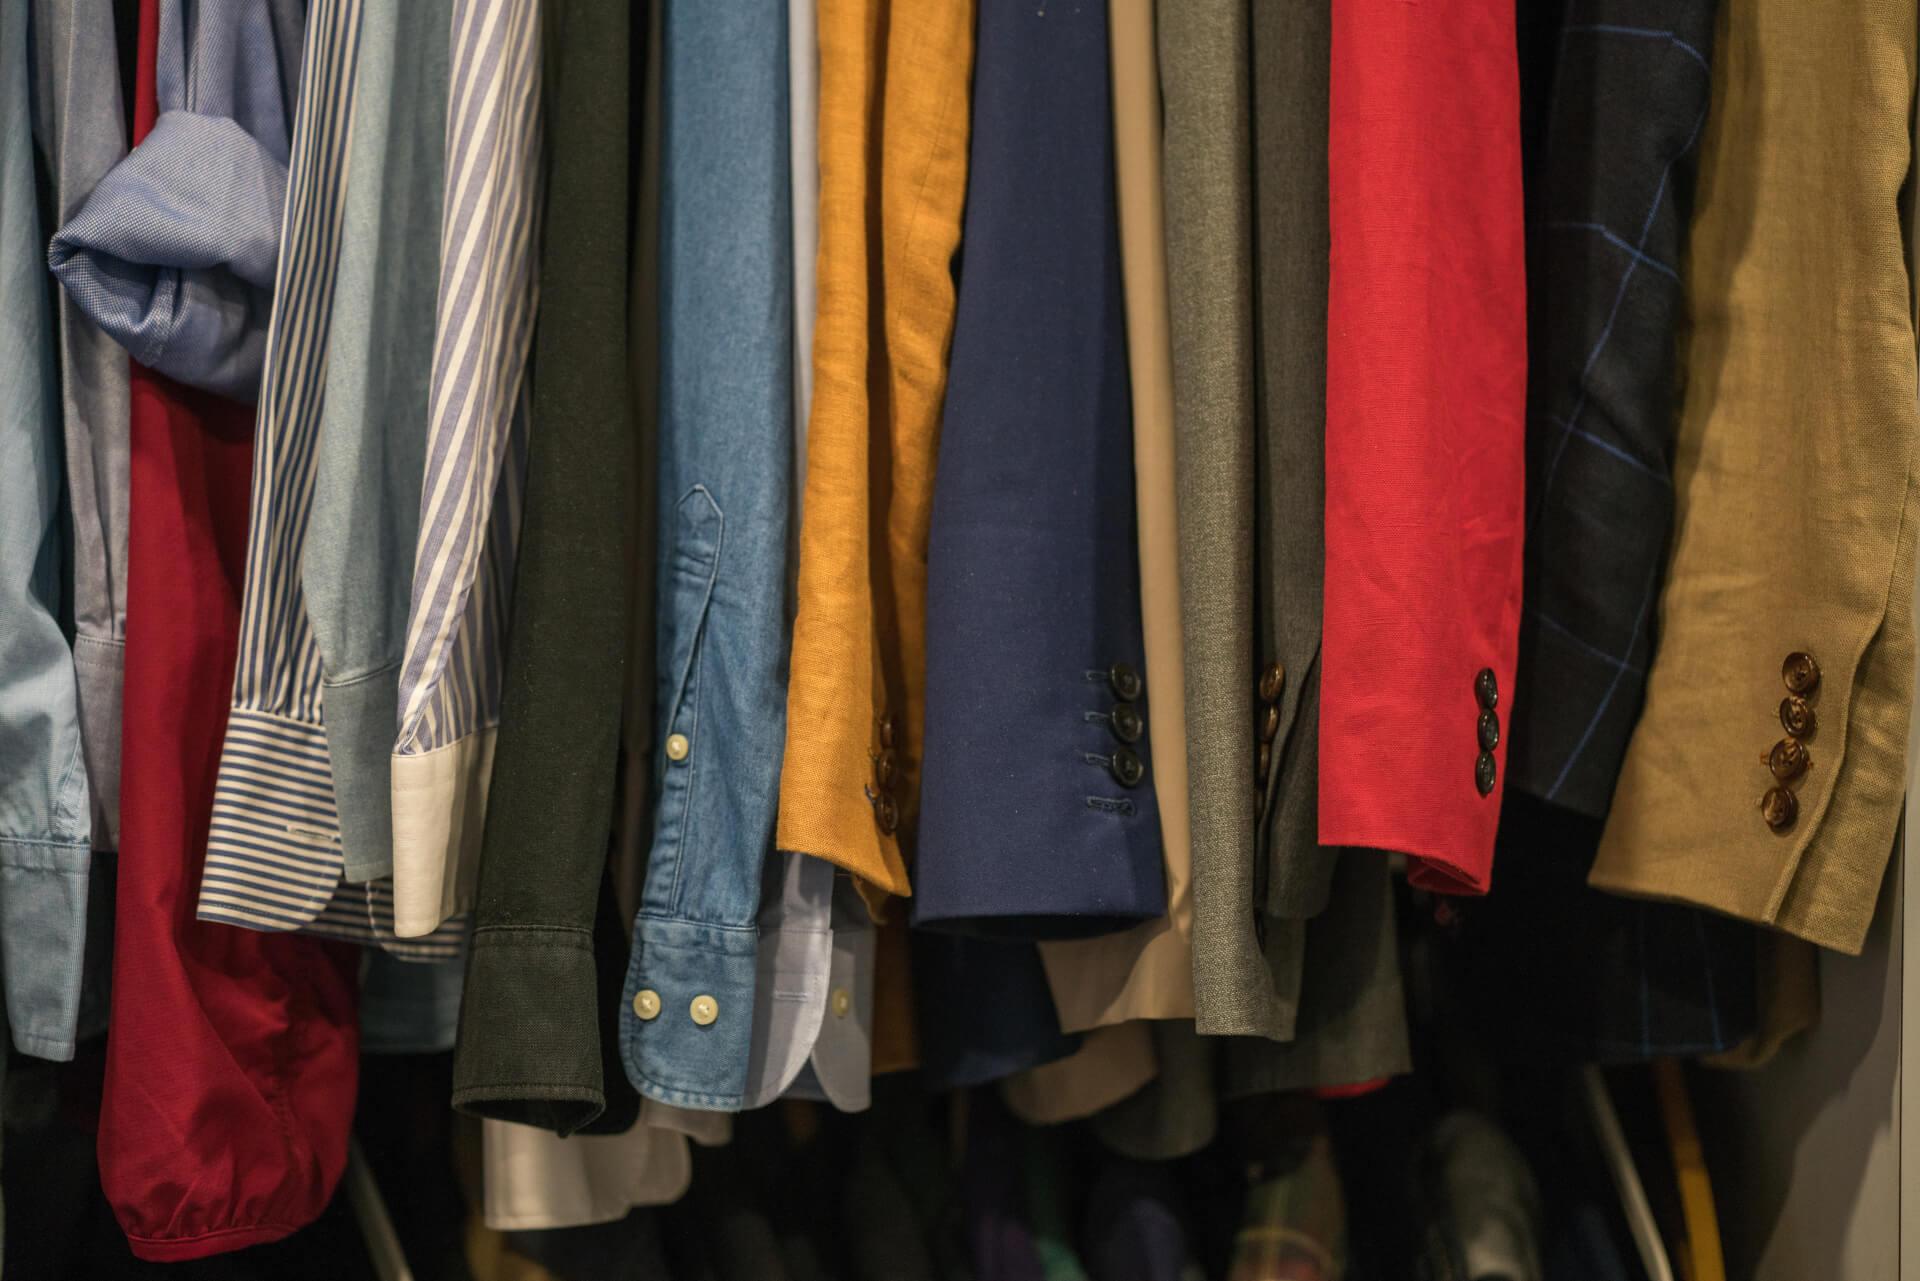 Журналістський експеримент: Як свідомо позбутися одягу в шафі і водночас бути стильною. Частина друга